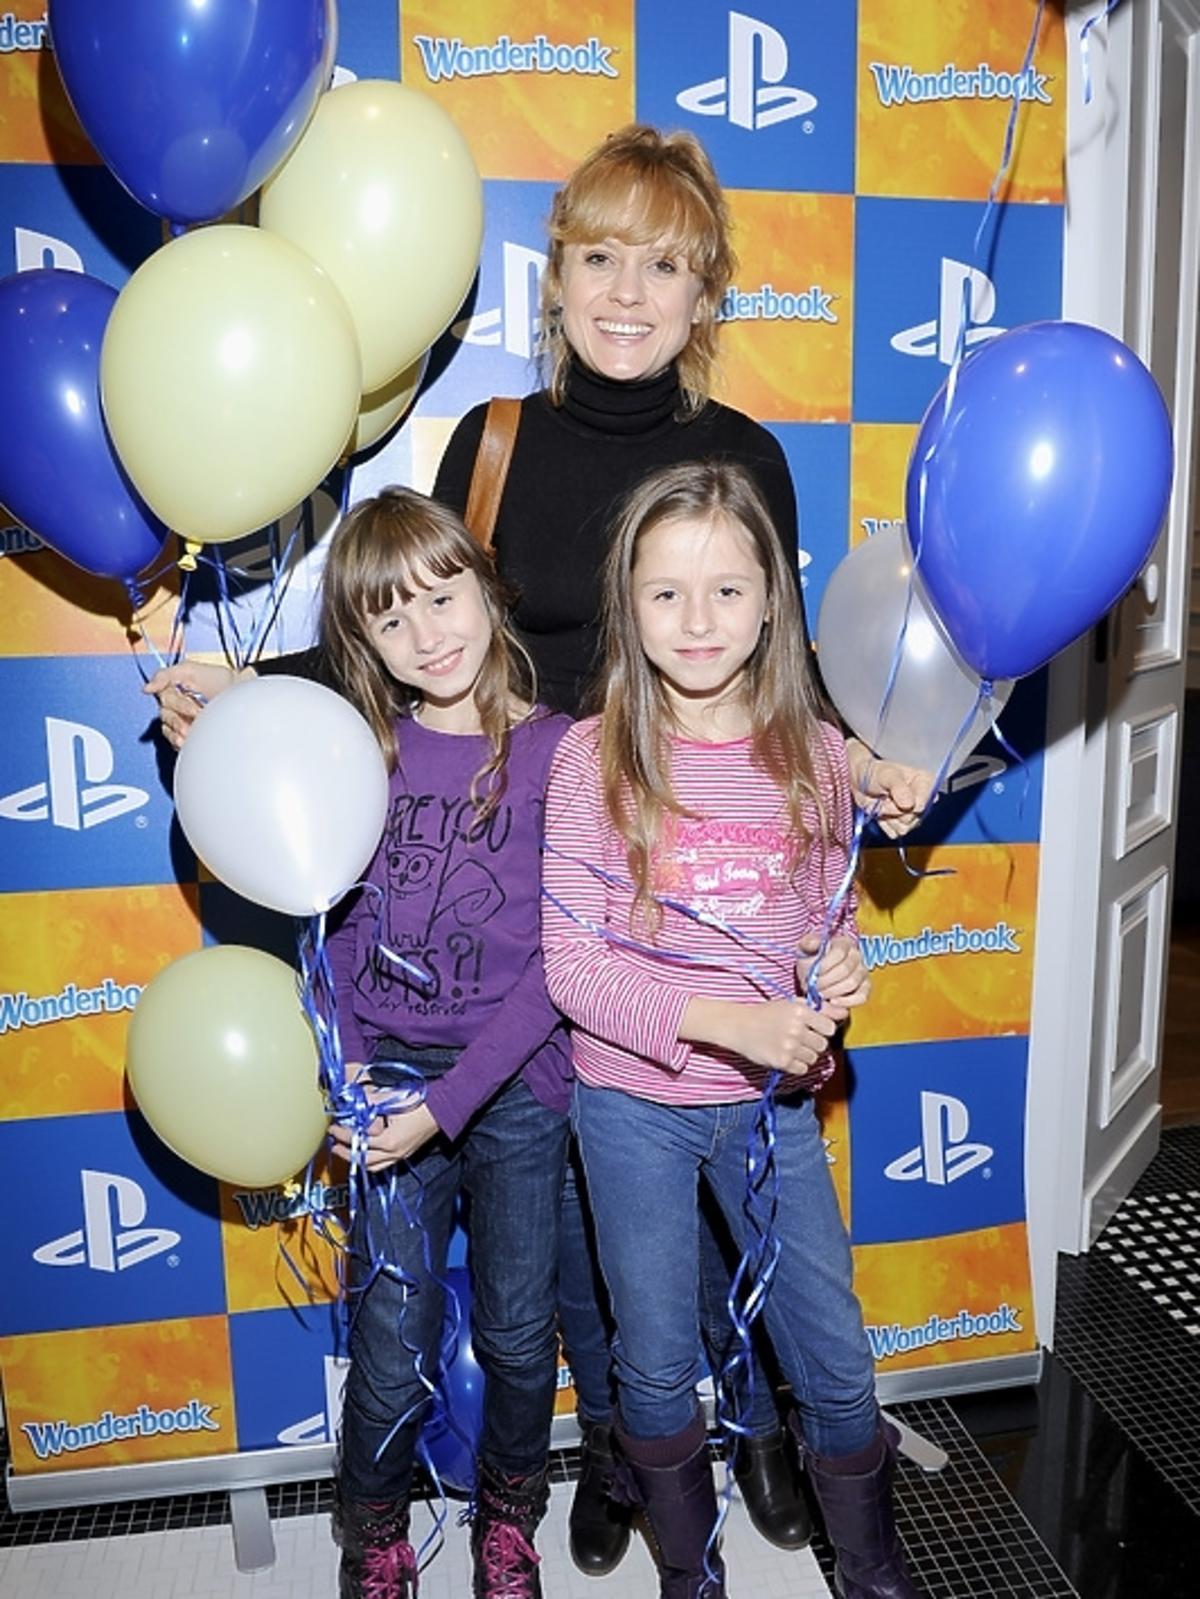 Aleksandra Woźniak z córkami na premierze PlayStation 3 - Wonderbook: Księga Czarów